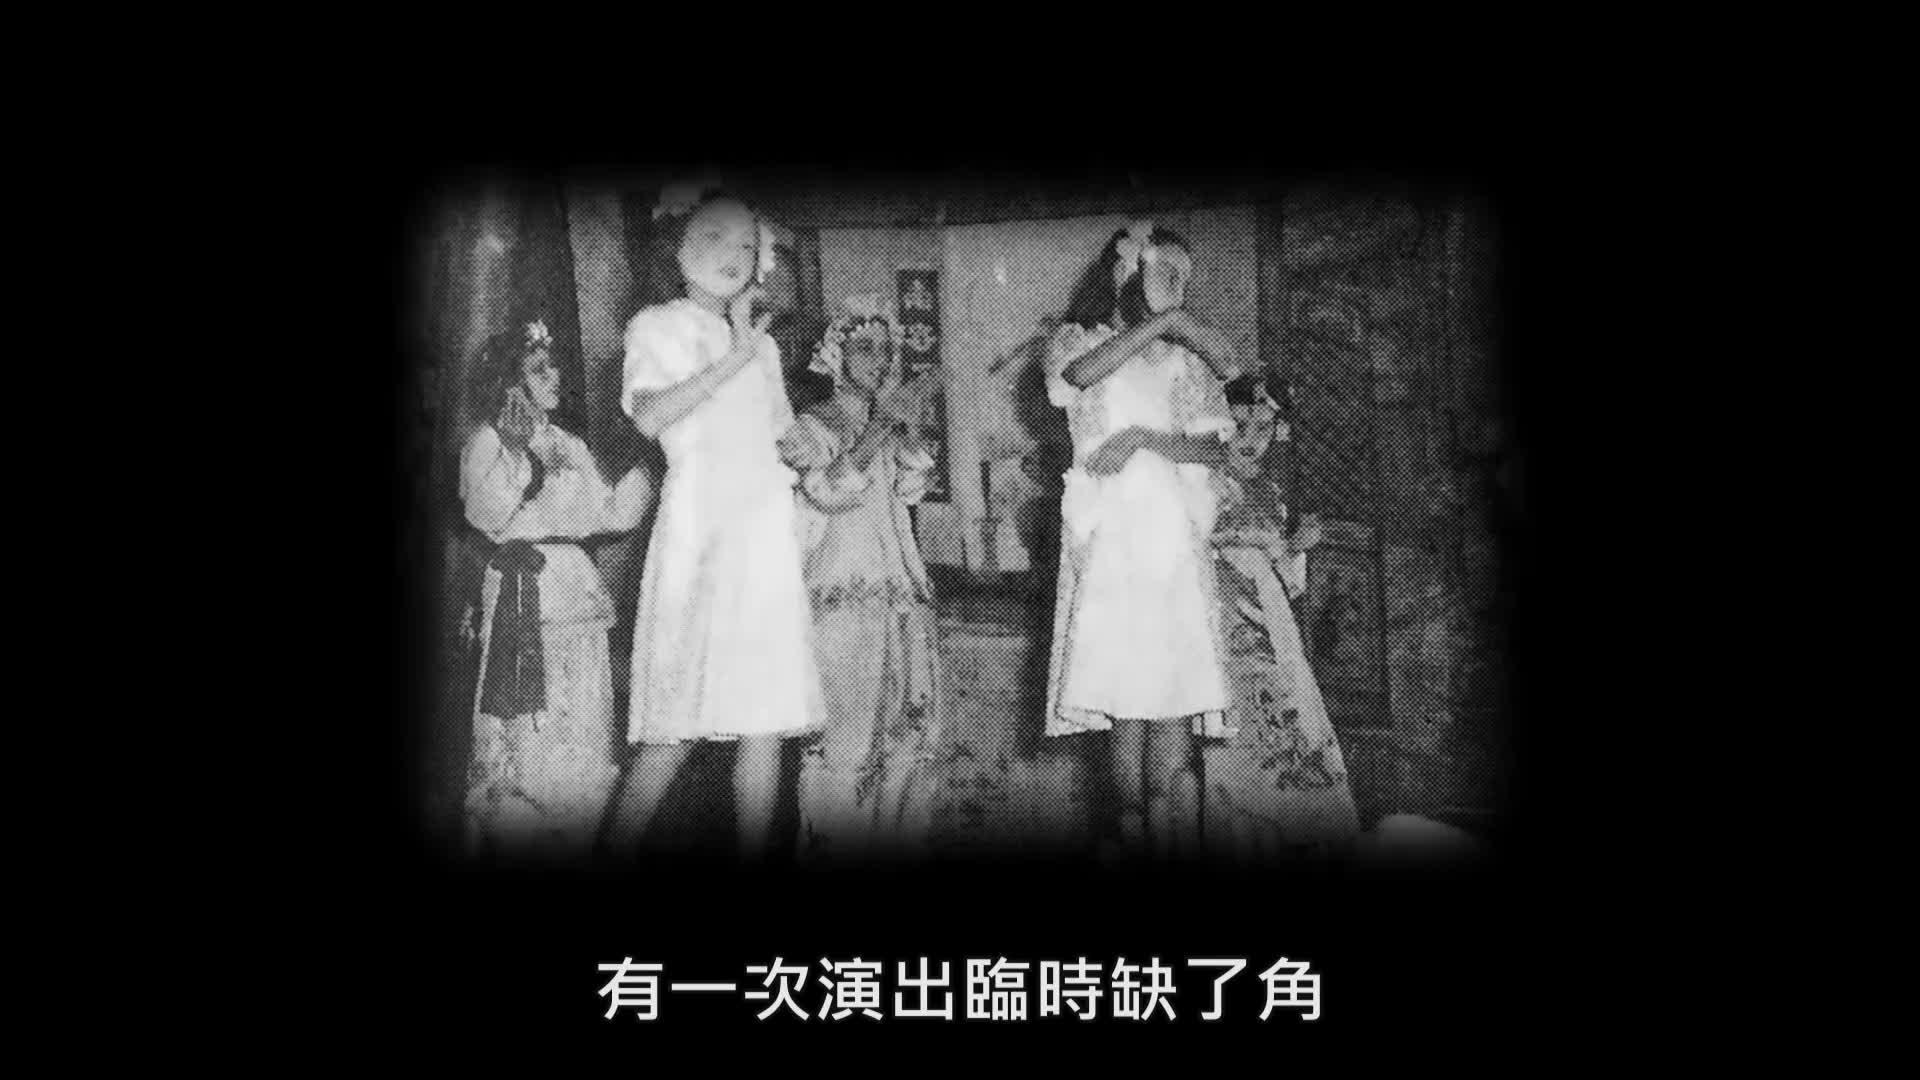 臺灣豫劇團紀錄片